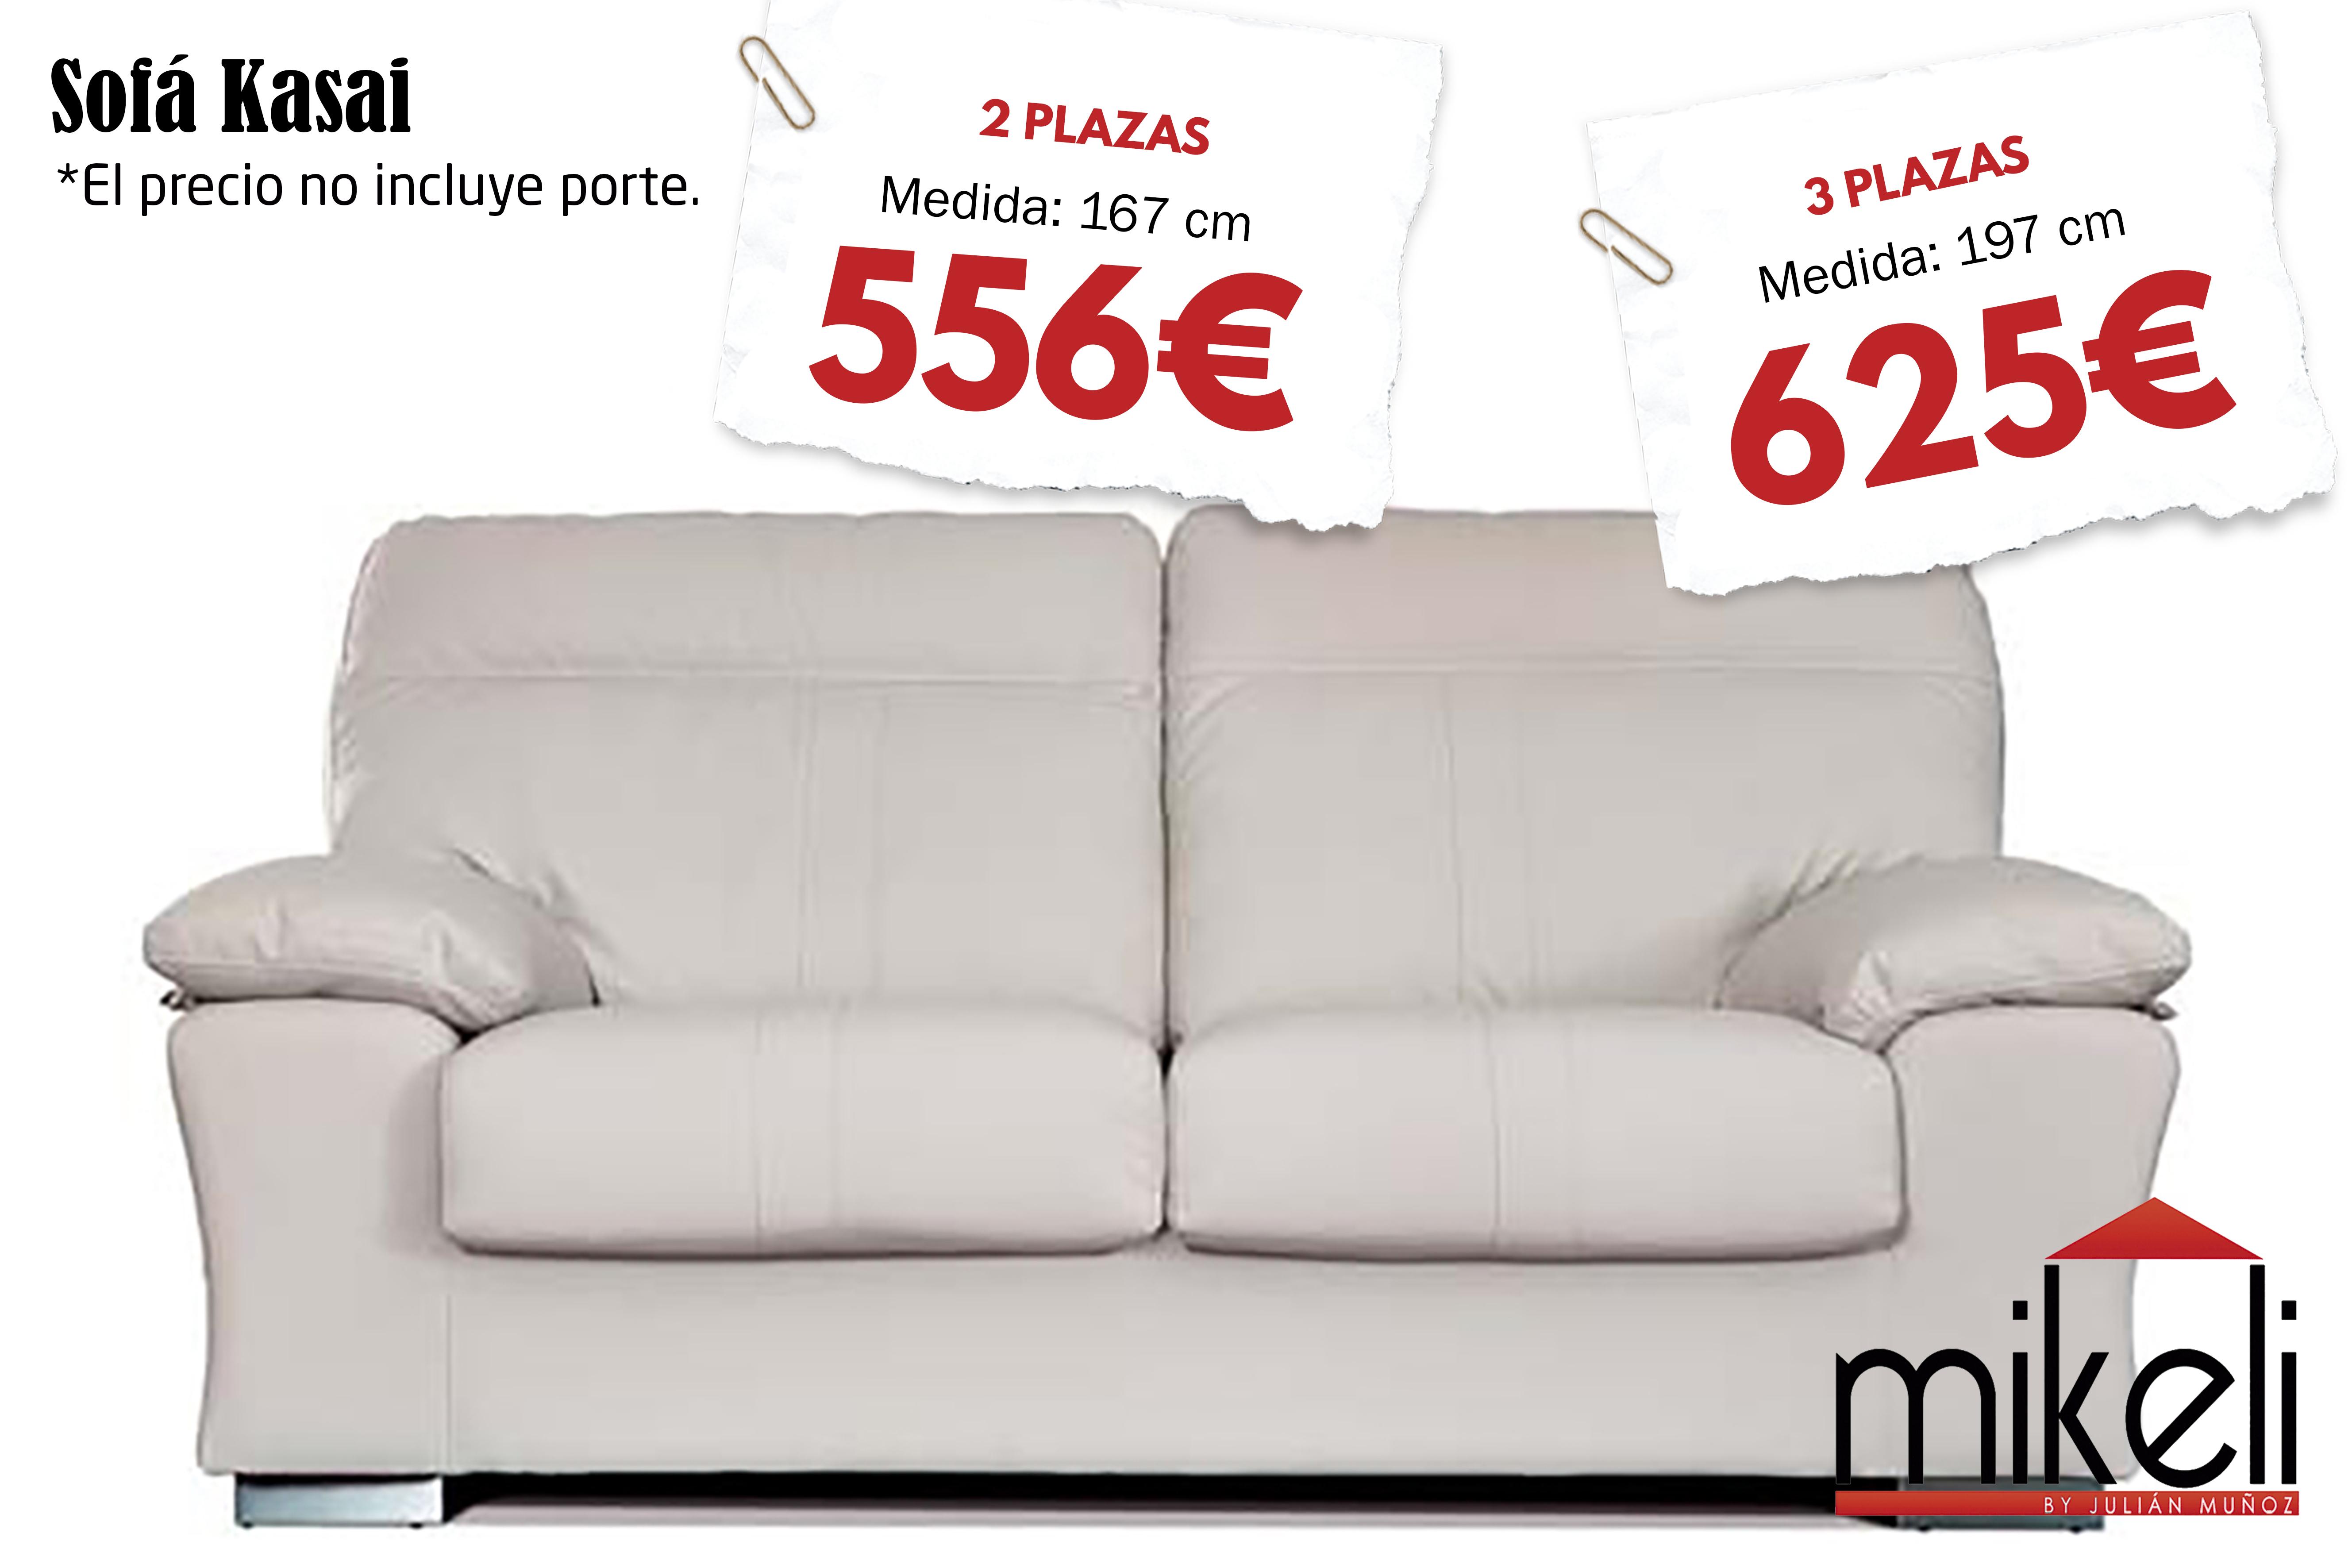 Sofa Kasai Mikeli Tu Tienda De Muebles A Precios Incre Bles En  # Muebles A Medida Ceuta